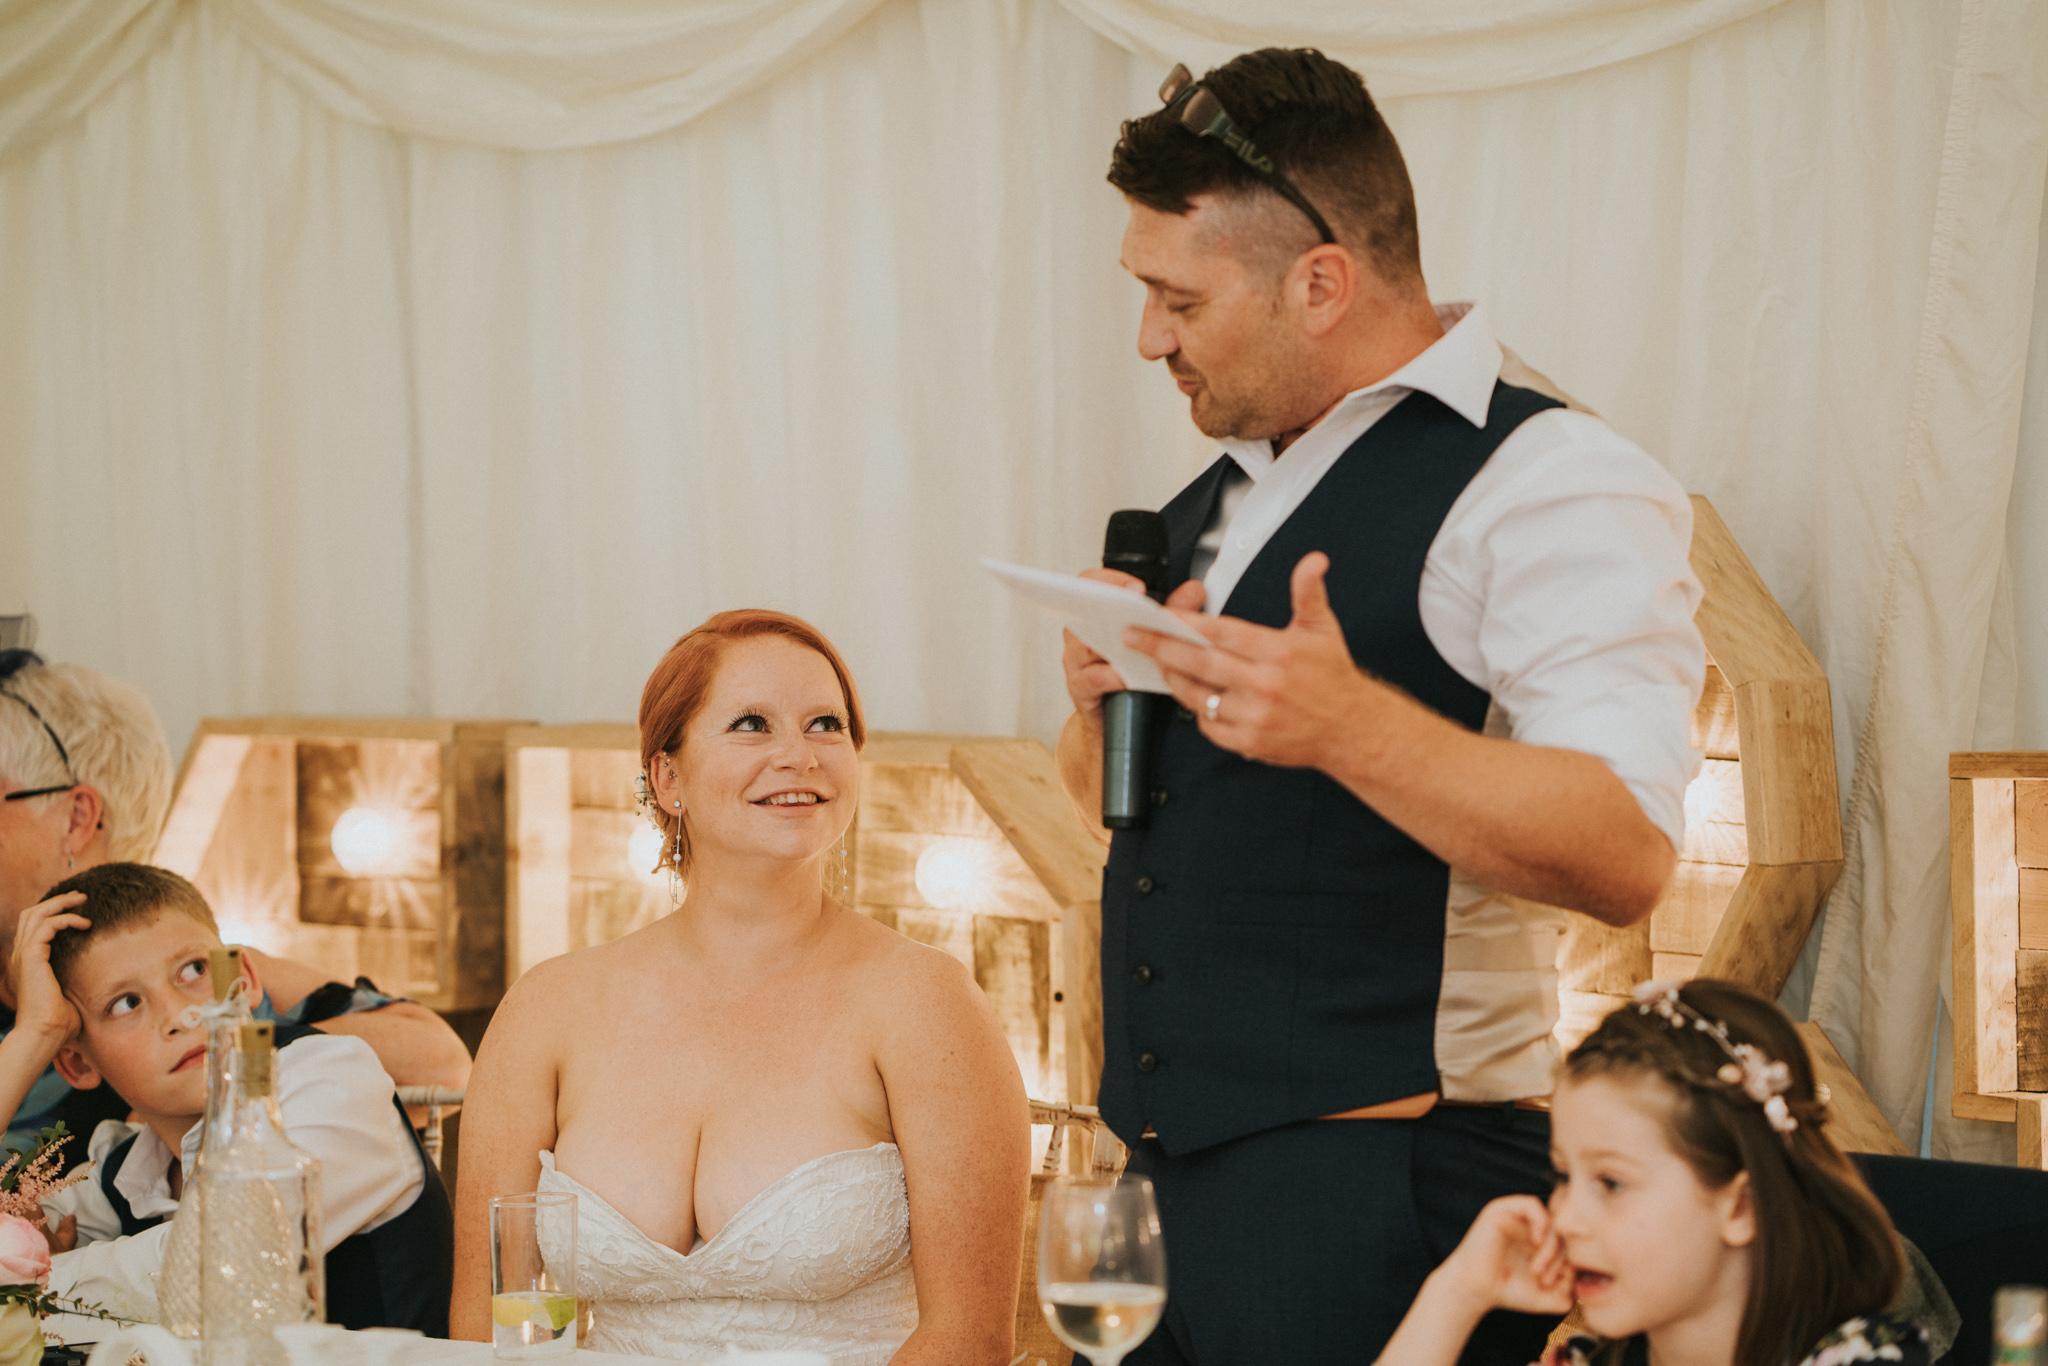 steph-neil-red-brick-barn-rochford-wedding-grace-elizabeth-colchester-essex-alternative-wedding-photographer-essex-suffolk-norfolk-devon (40 of 43).jpg